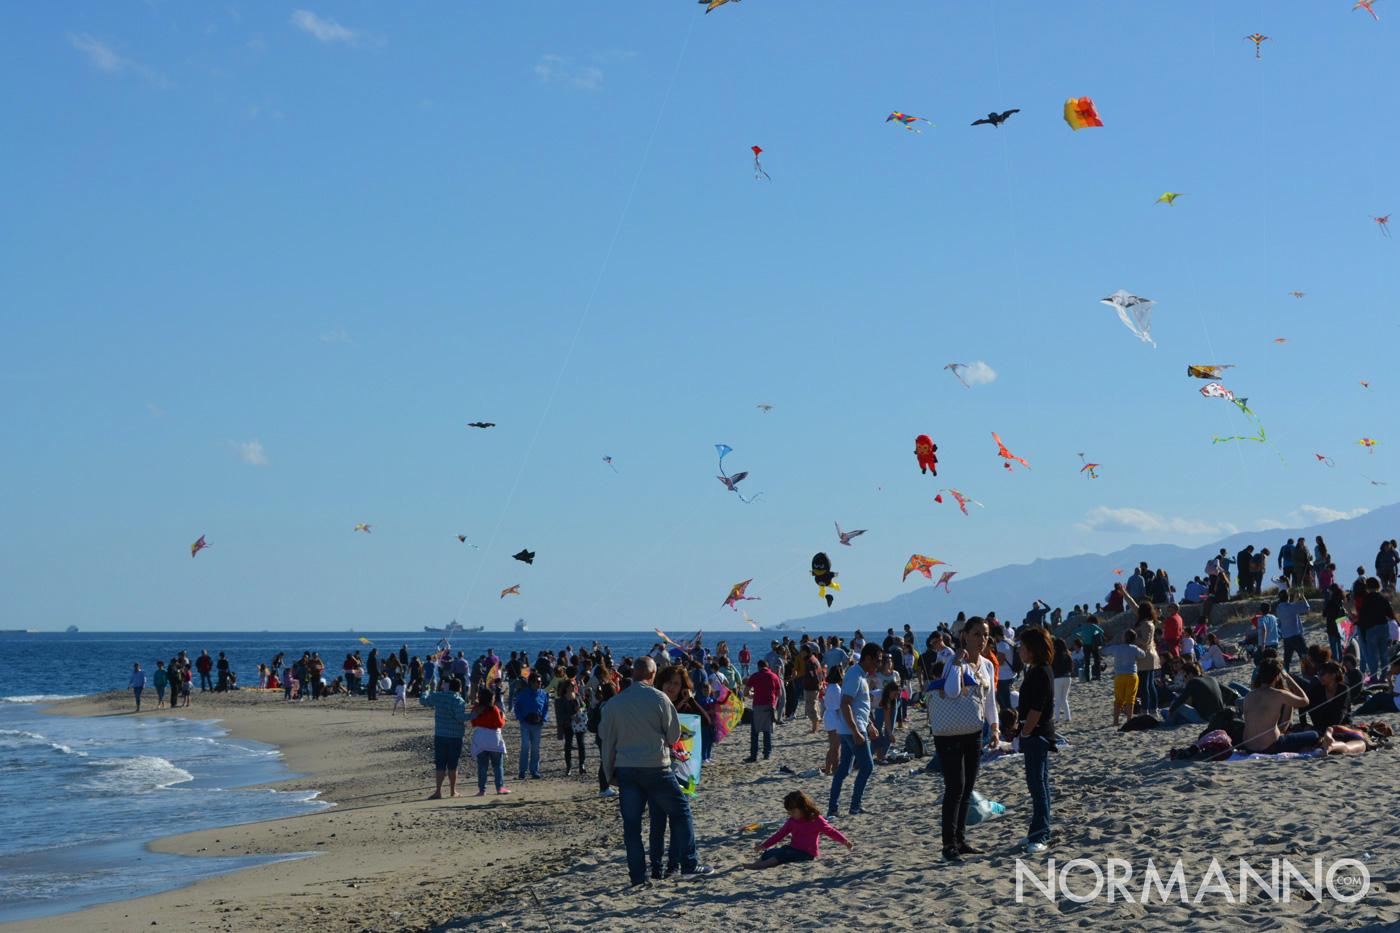 Centinaia di persone in spiaggia per il Festival degli Aquiloni di Messina 2019